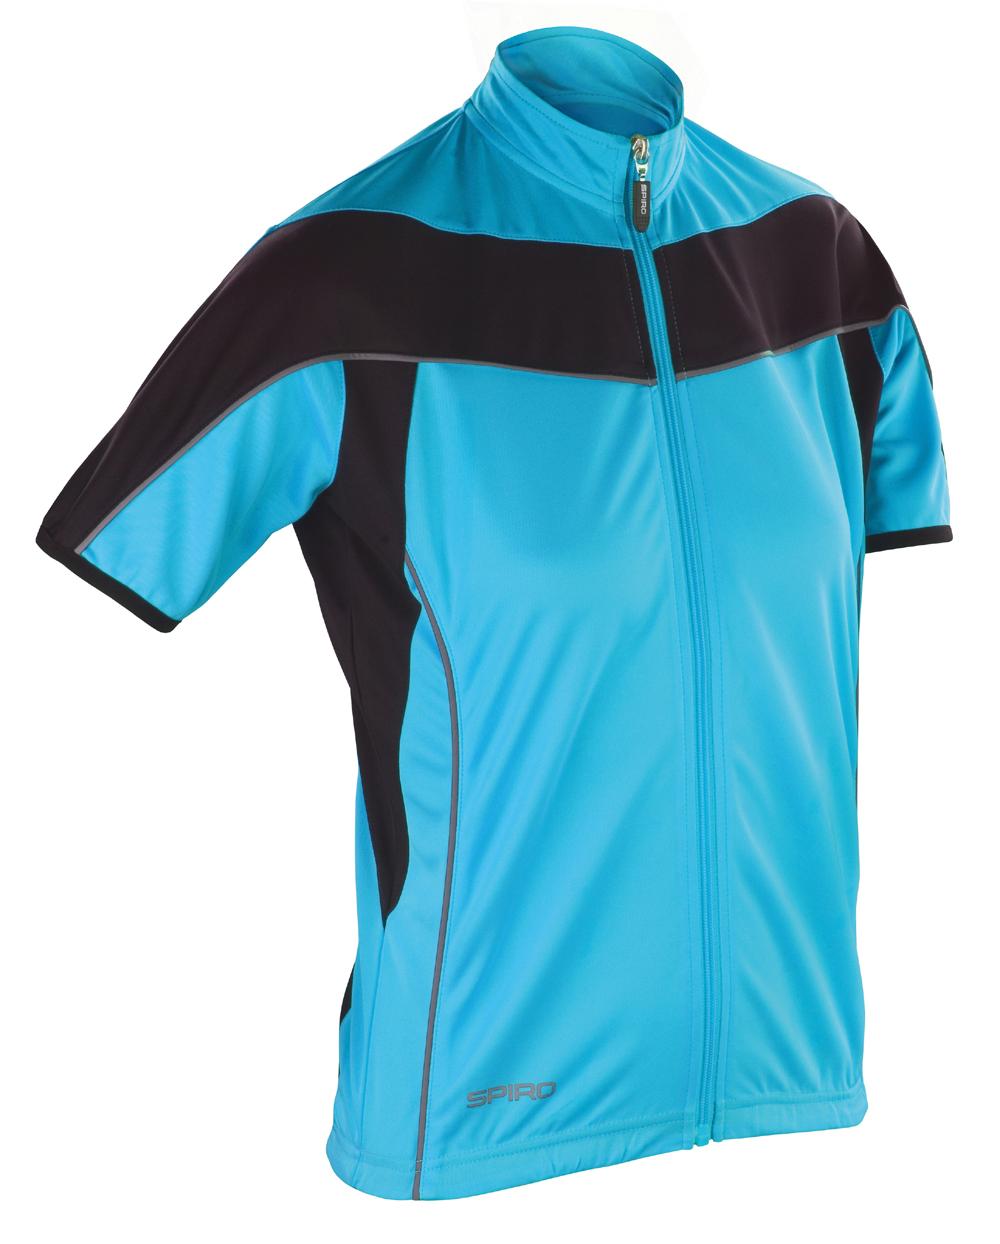 Spiro Women/'s Bikewear Full Zip Top -Zipped Short Sleeve Cycling T-Shirt S188F